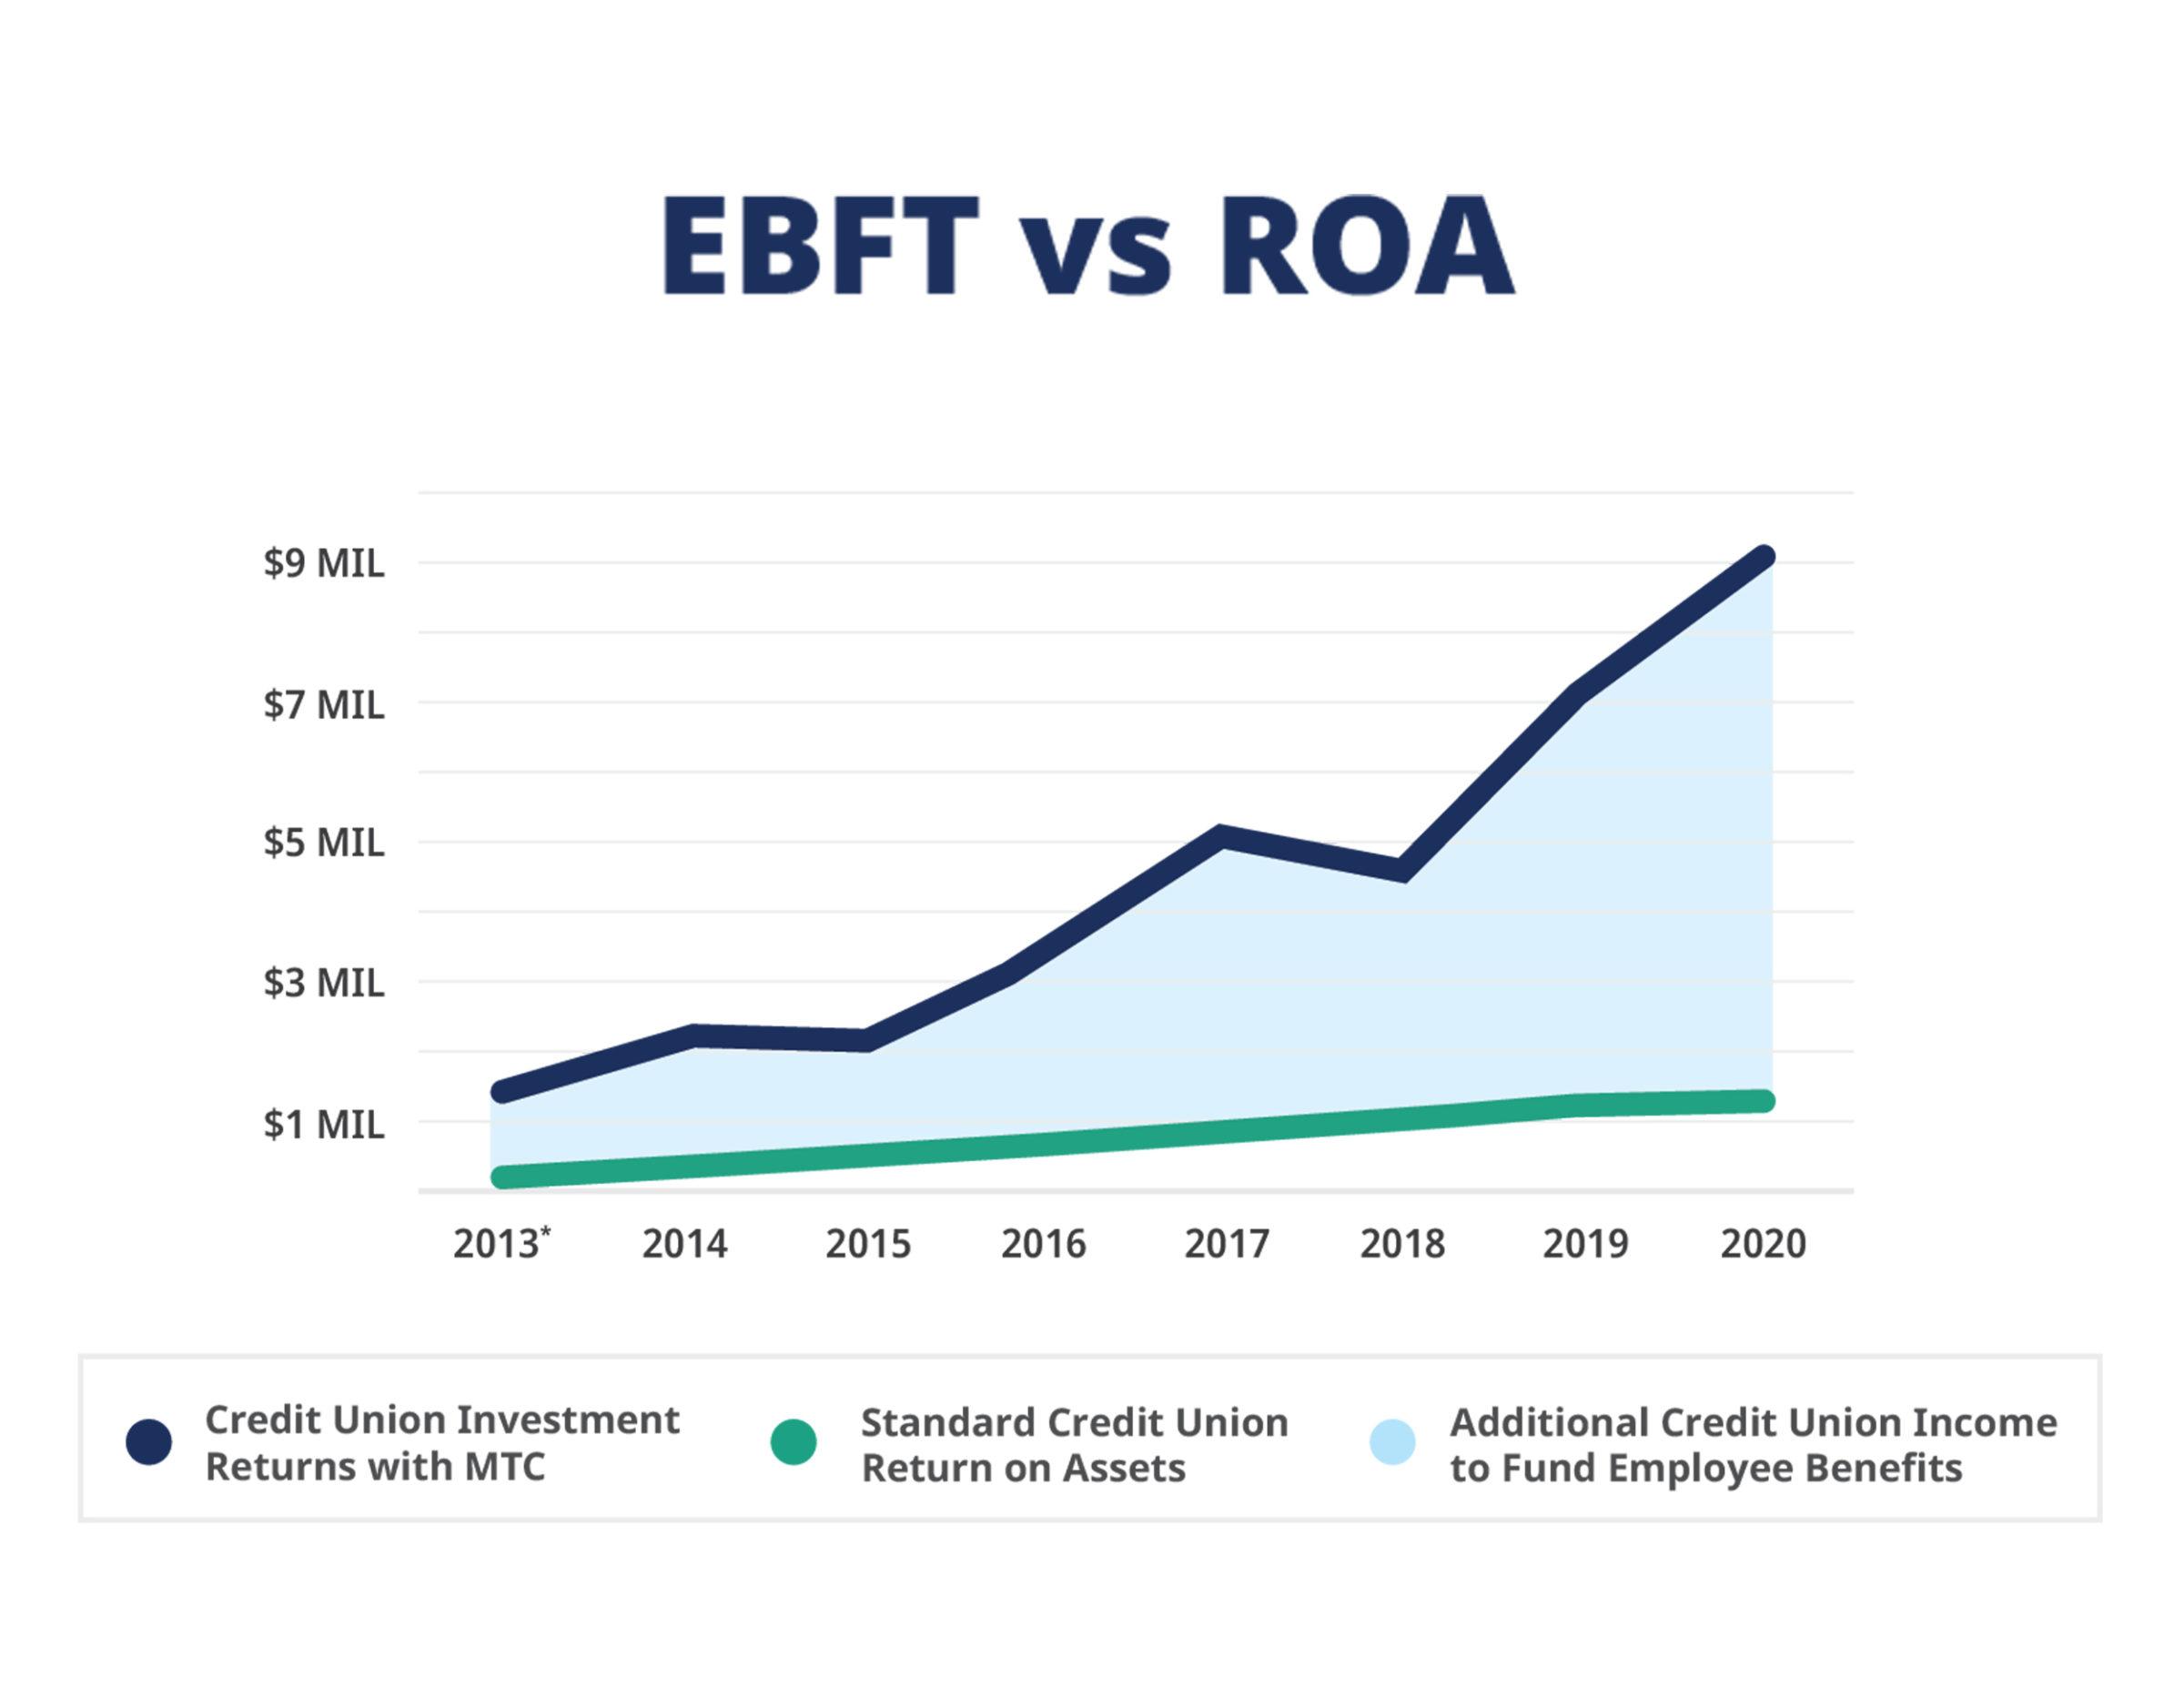 EBFT vs ROA Chart